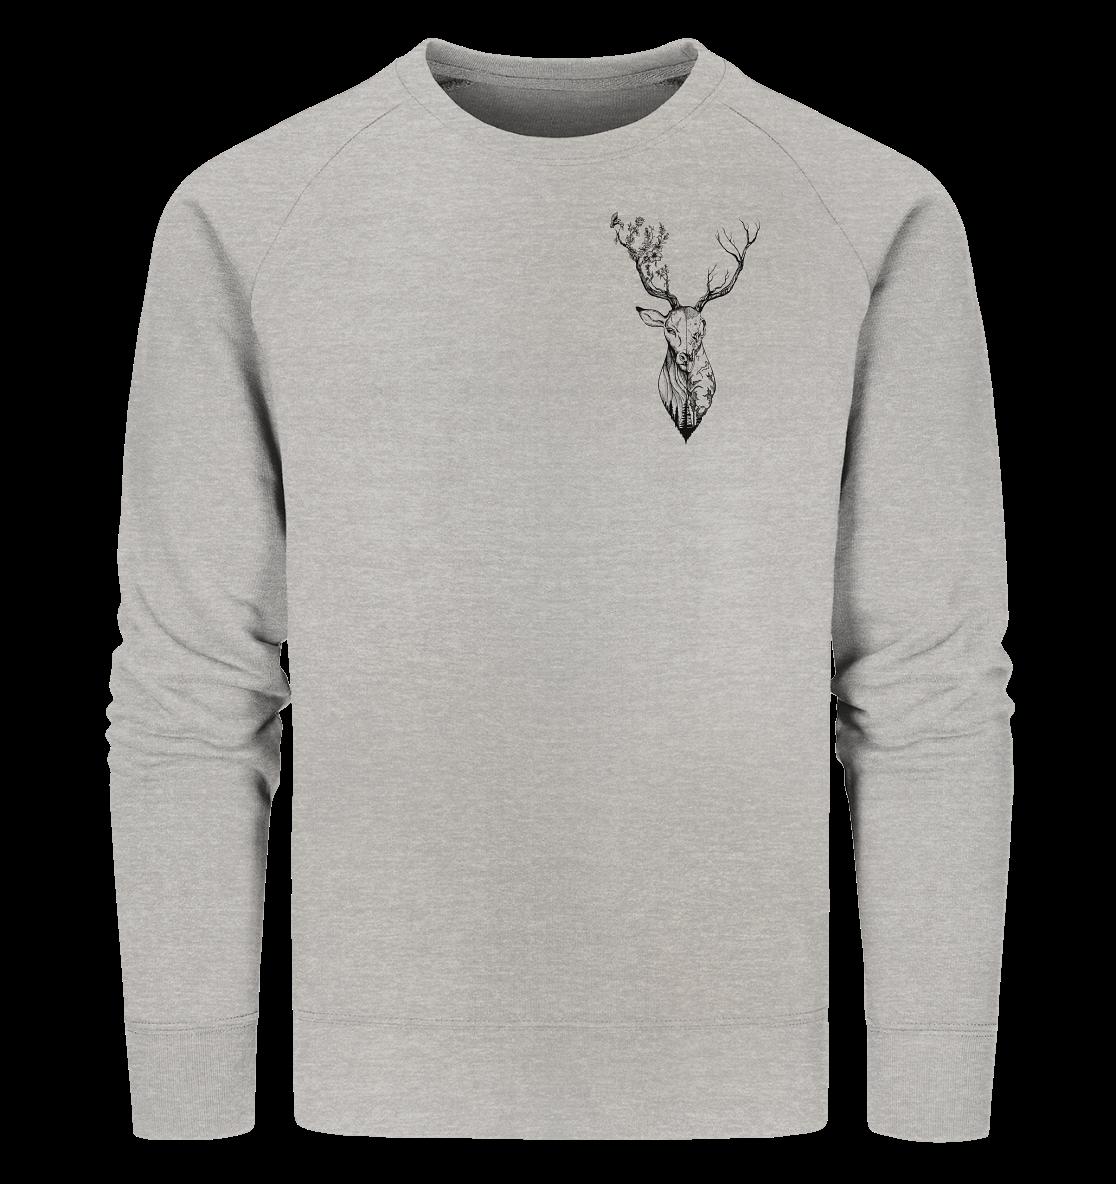 front-organic-sweatshirt-c2c1c0-1116x-7.png